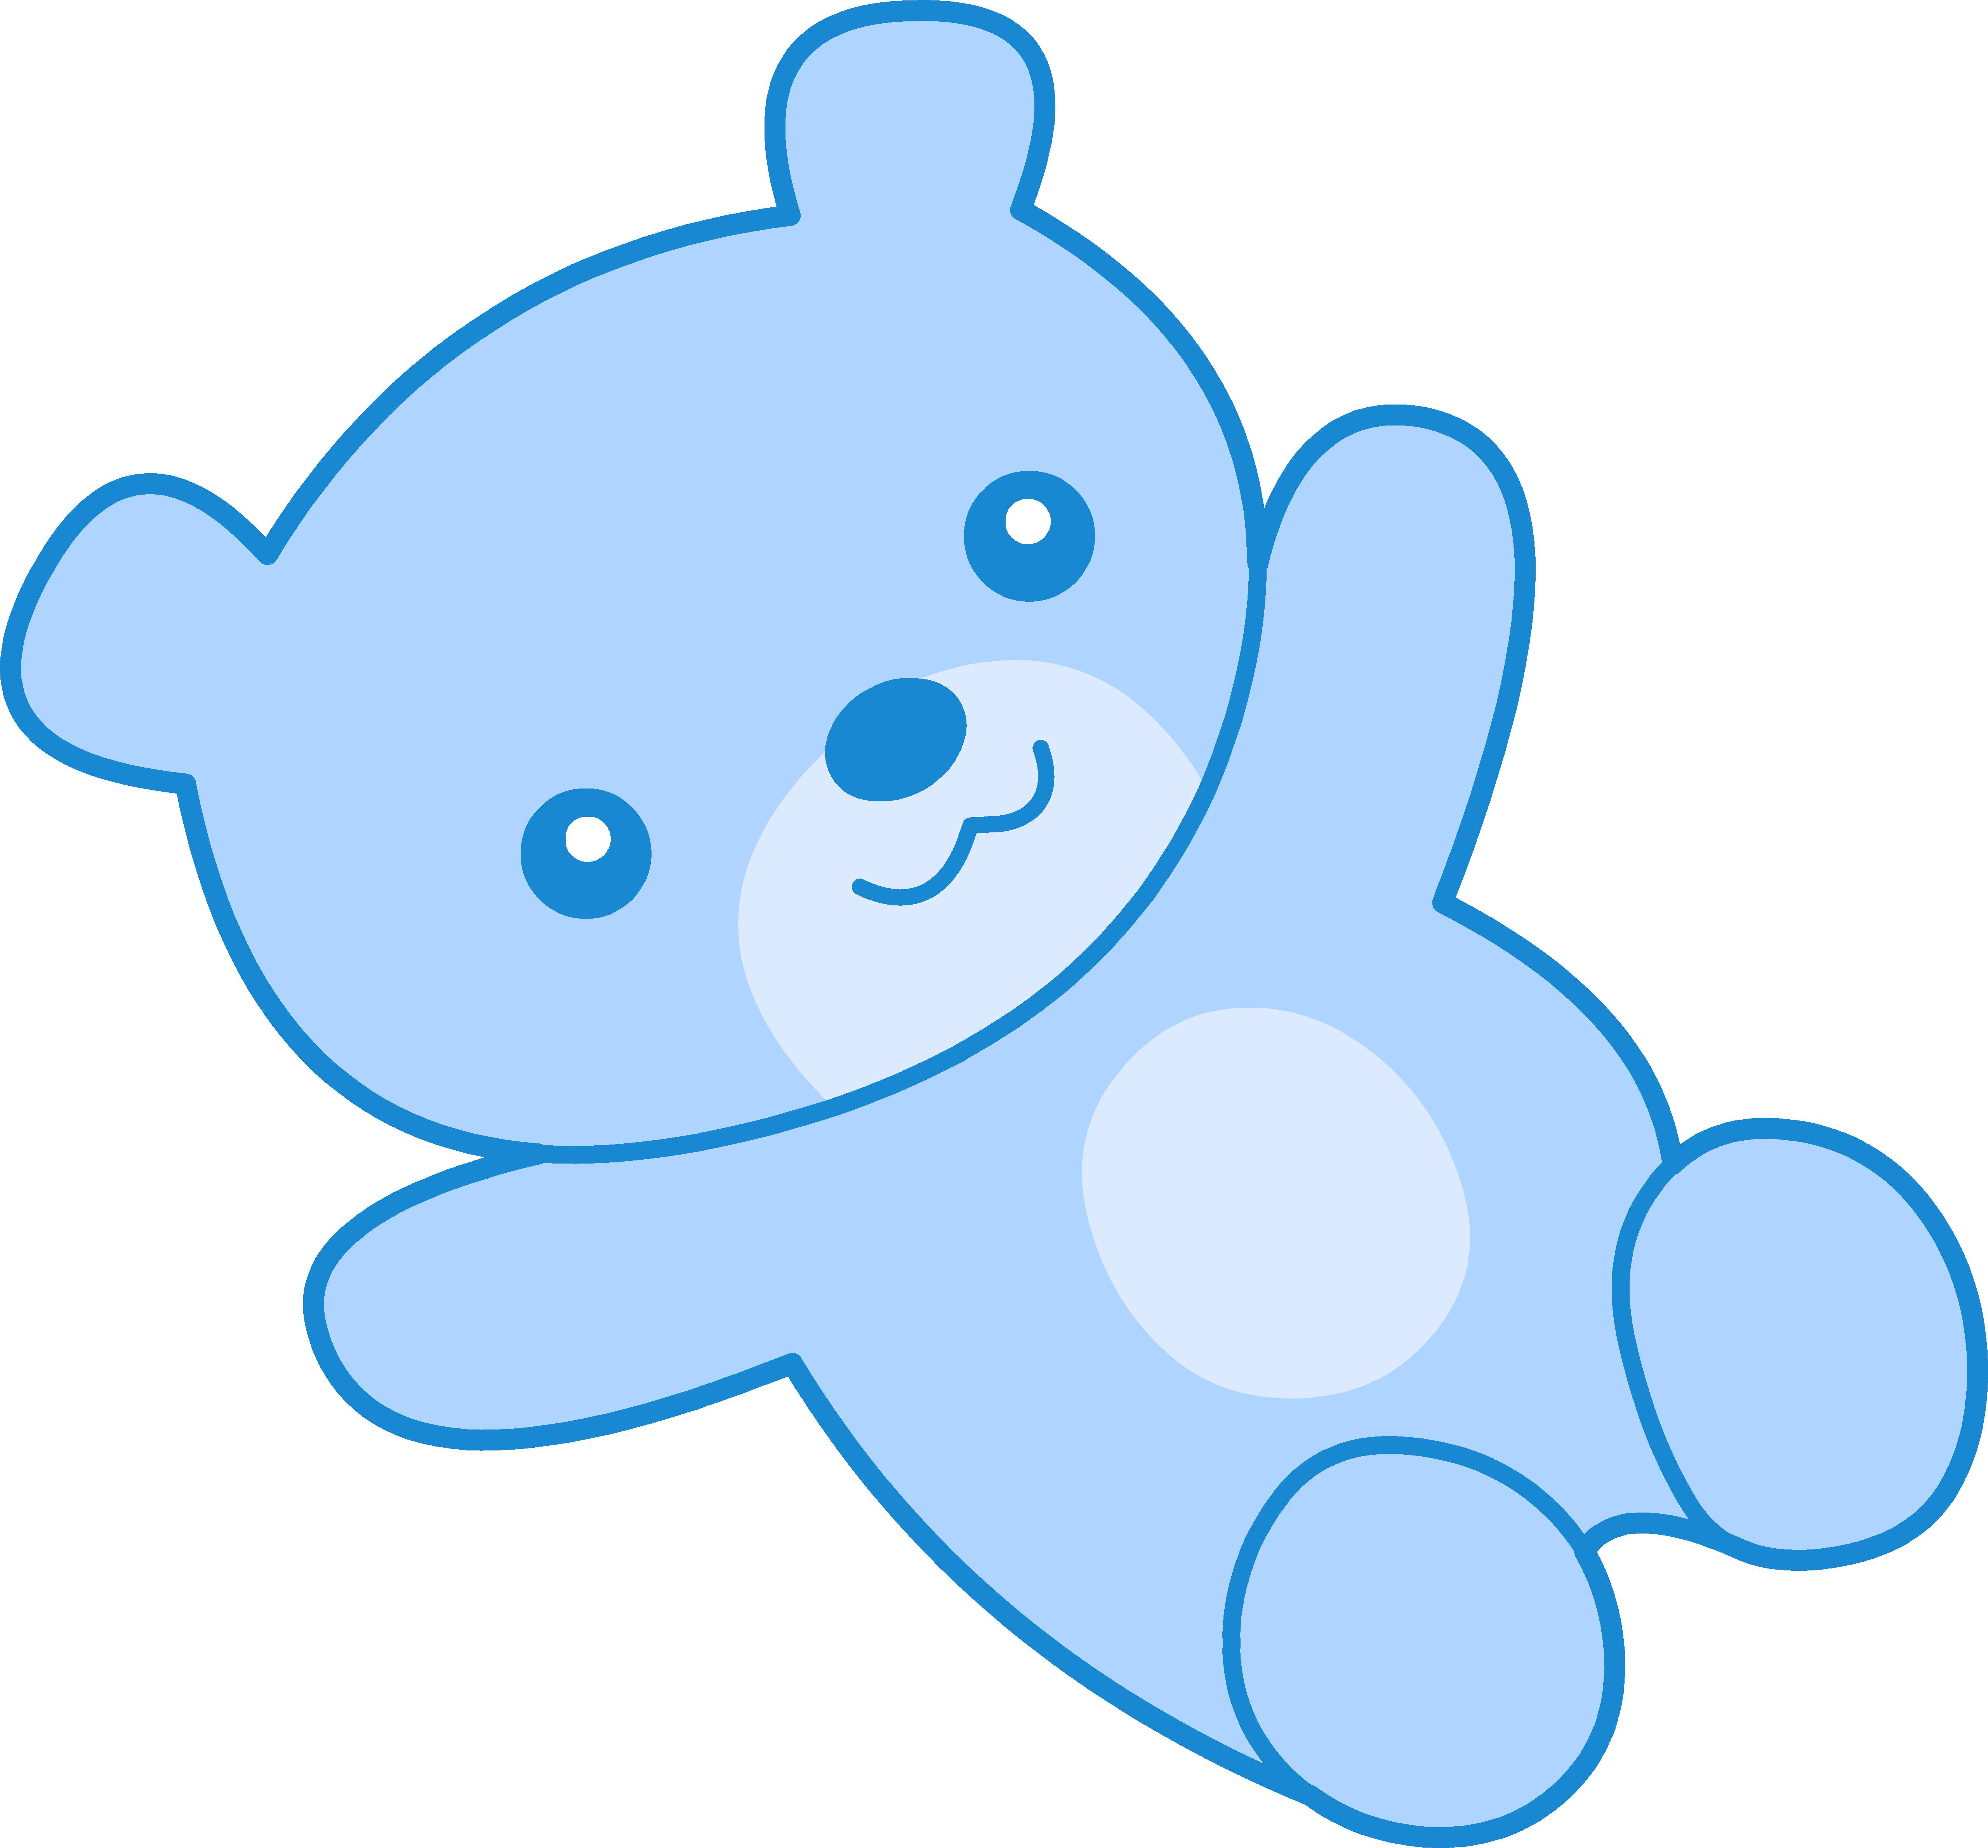 Teddy bear basketball clipart svg Cute Baby Bear Clipart | Clipart Panda - Free Clipart Images svg